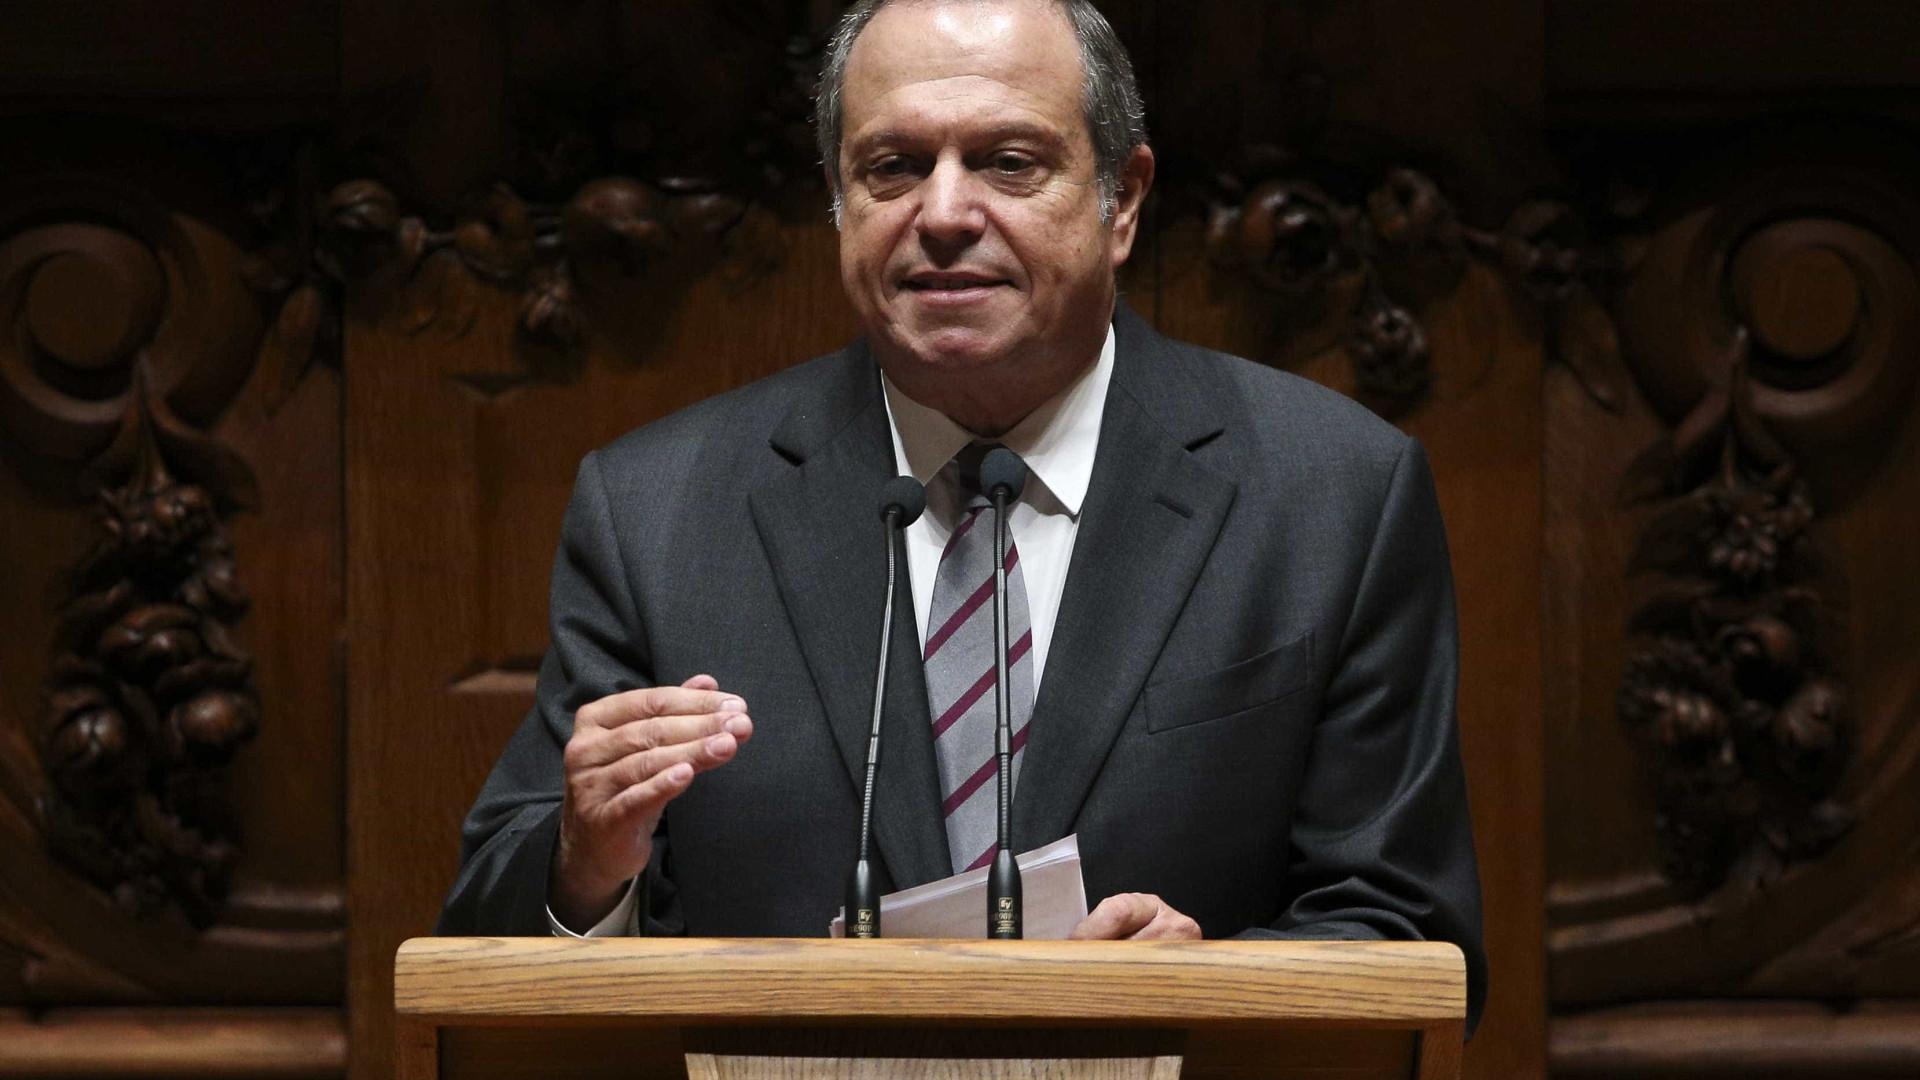 Carlos César sugere final da taça com homenagem a todos os atletas